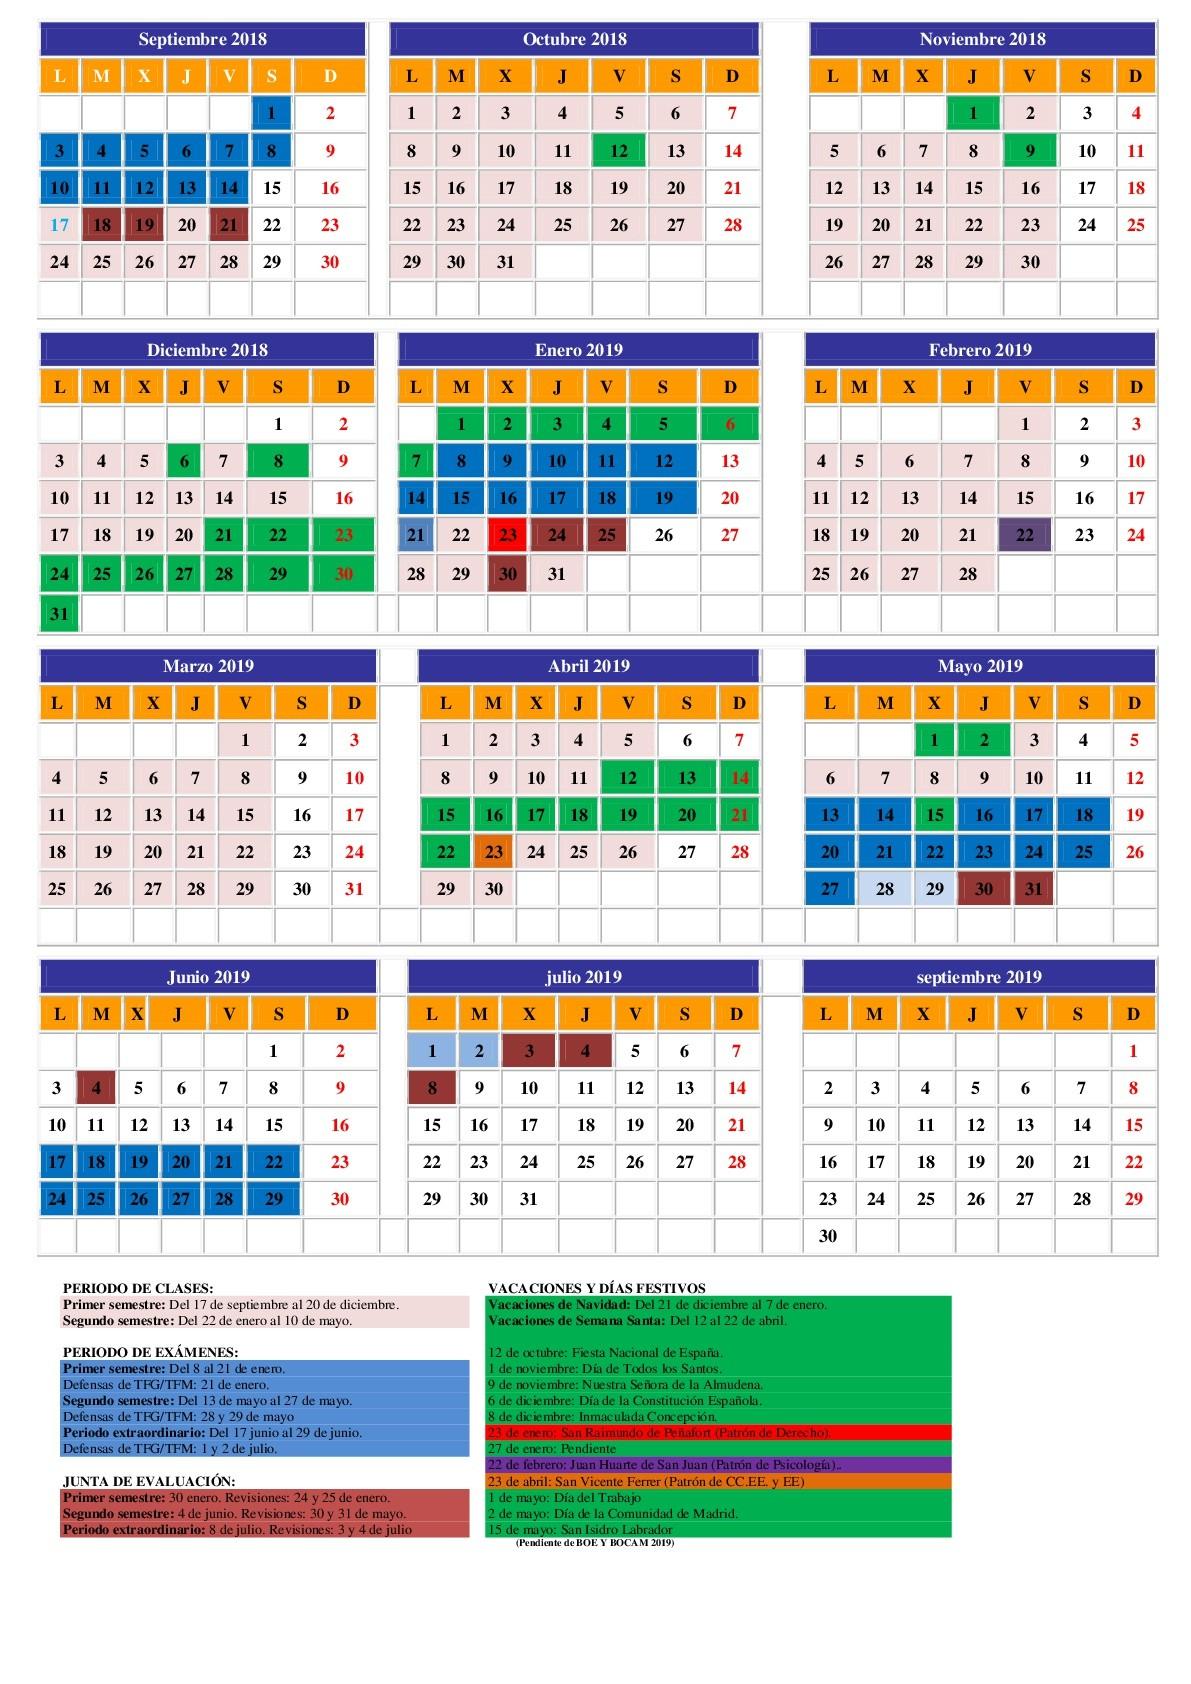 Calendario Académico 2018 2019